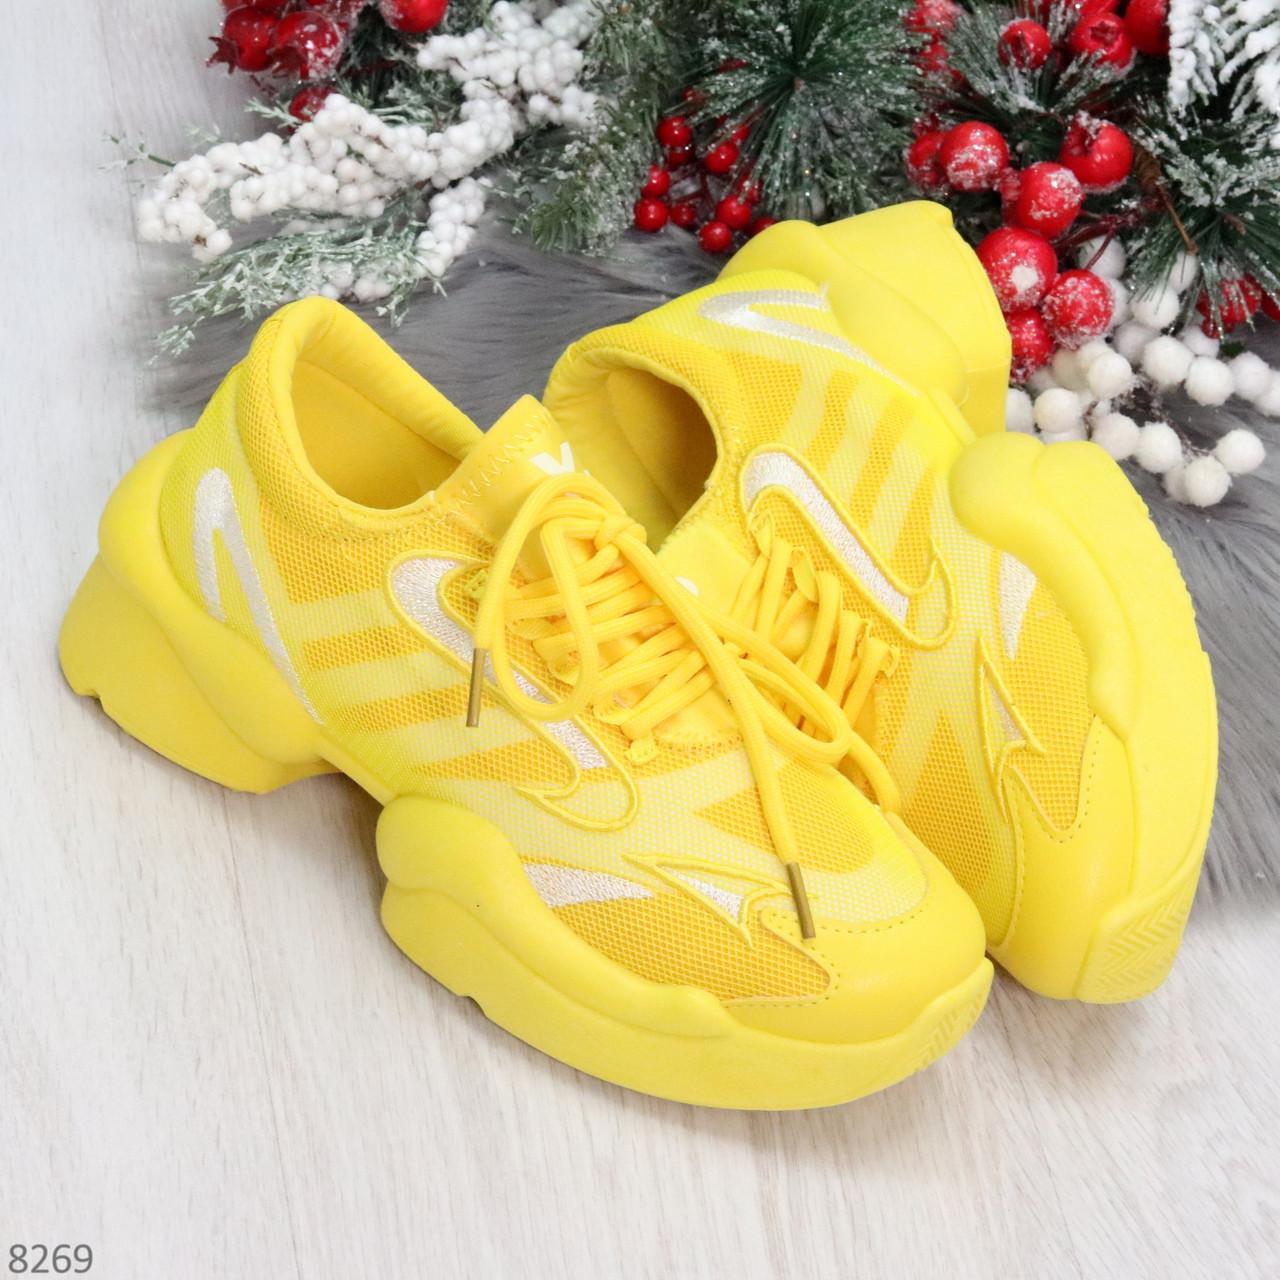 Яркие повседневные текстильные желтые женские кроссовки на шнуровке